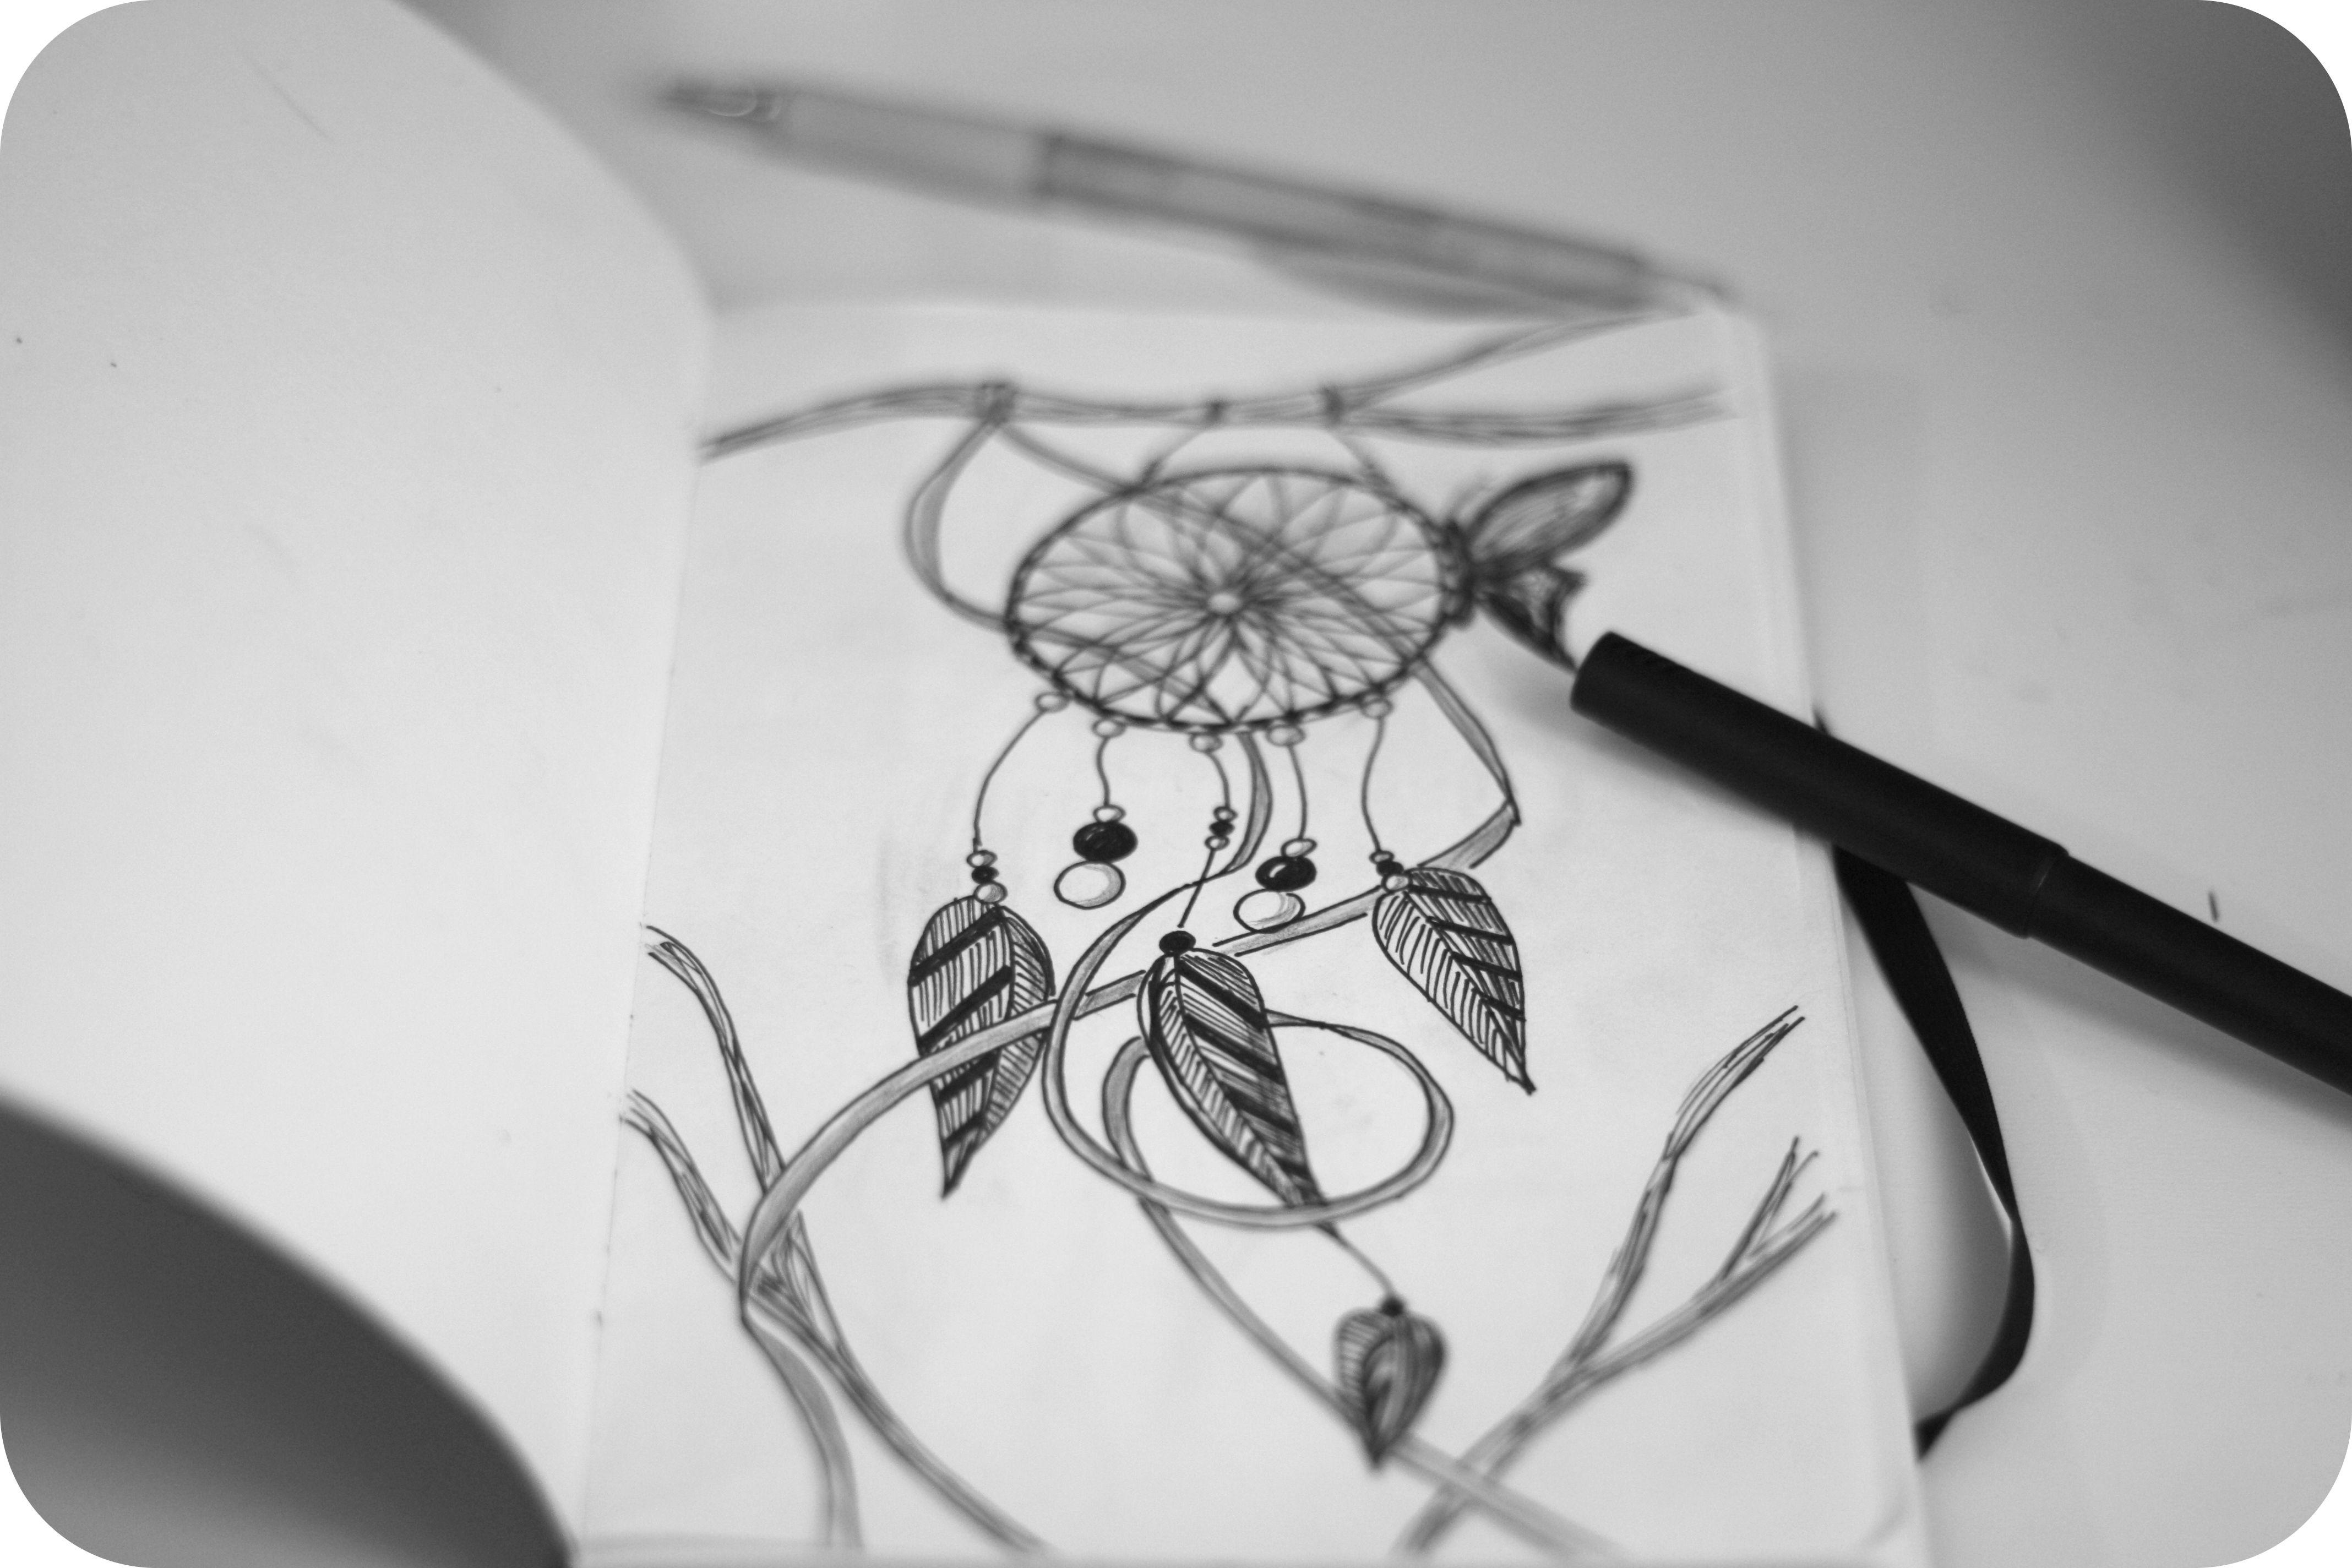 premier dessin sur mon nouveau carnet, un dreamcatcher